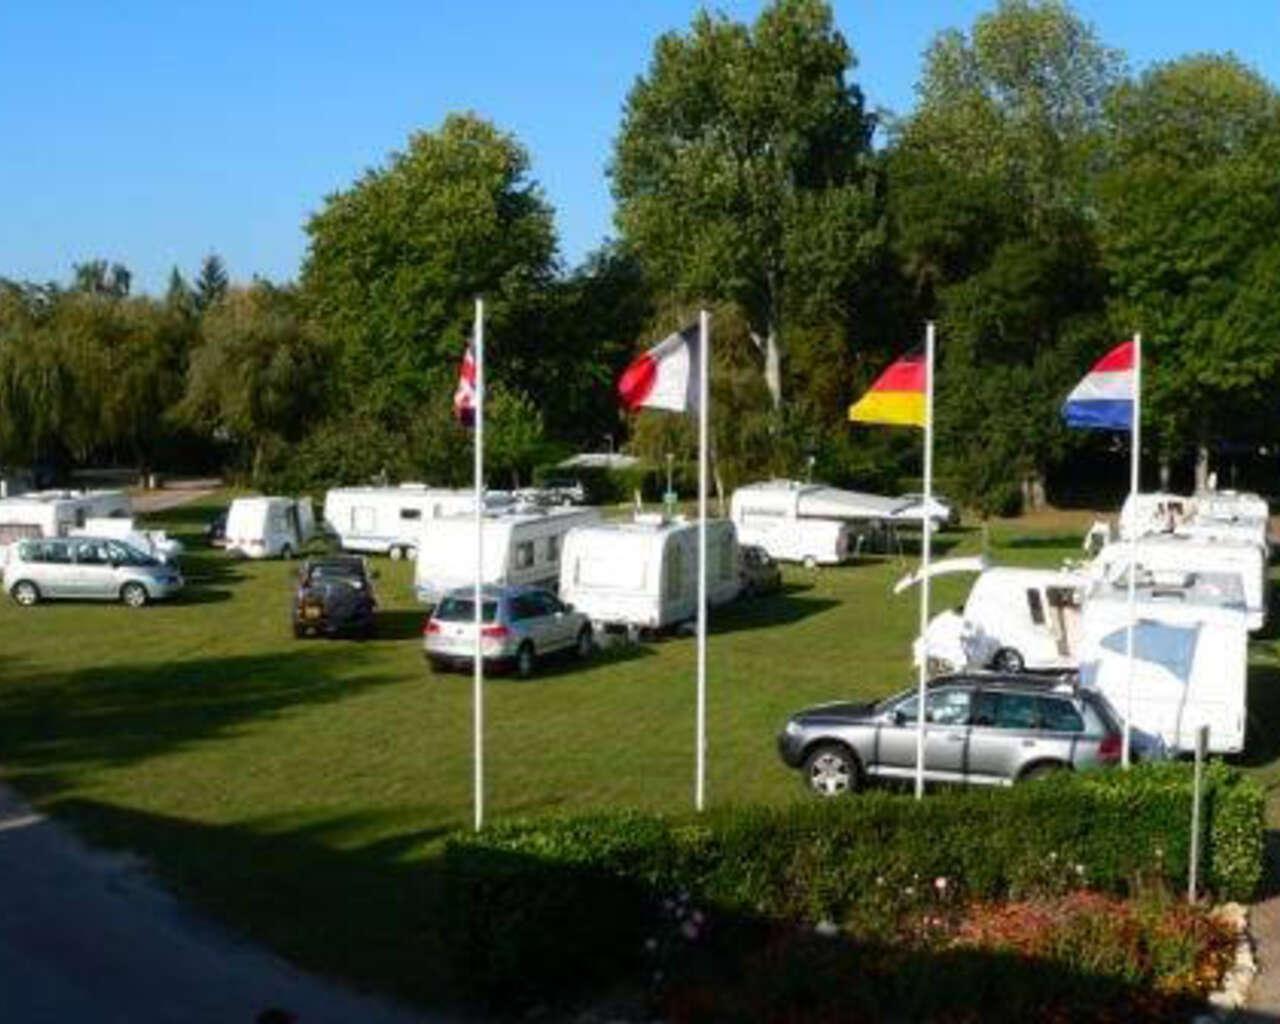 Camping Parc des Loisirs Le Val Fleuri, Campsites to ...